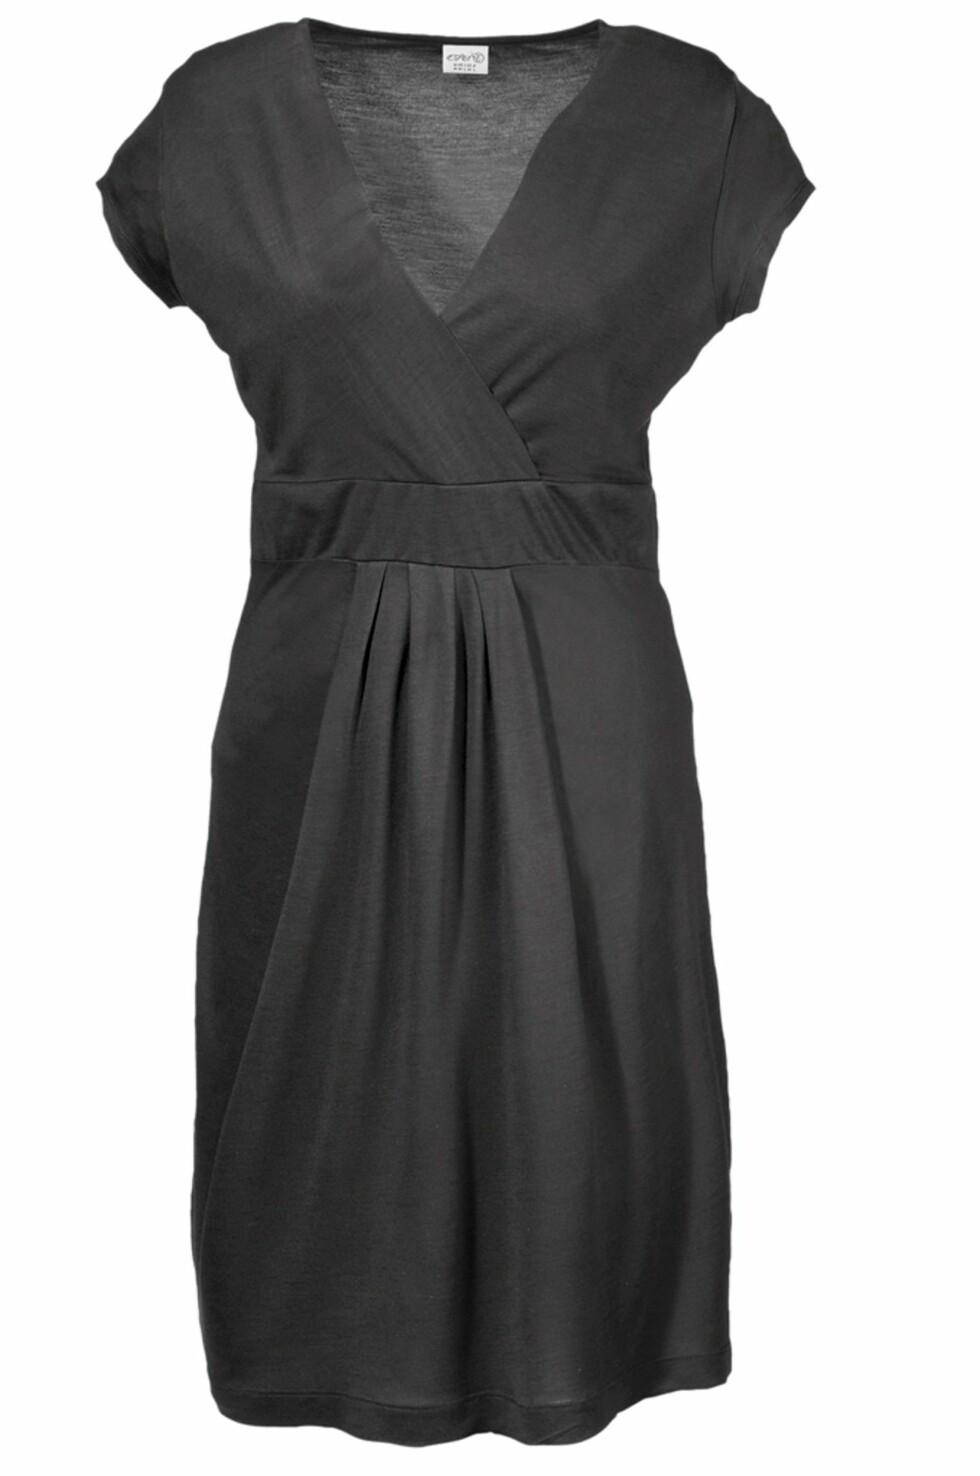 Figurnær kjole med innsving og omslag i front (kr 399/Esprit). Foto: ellos.no